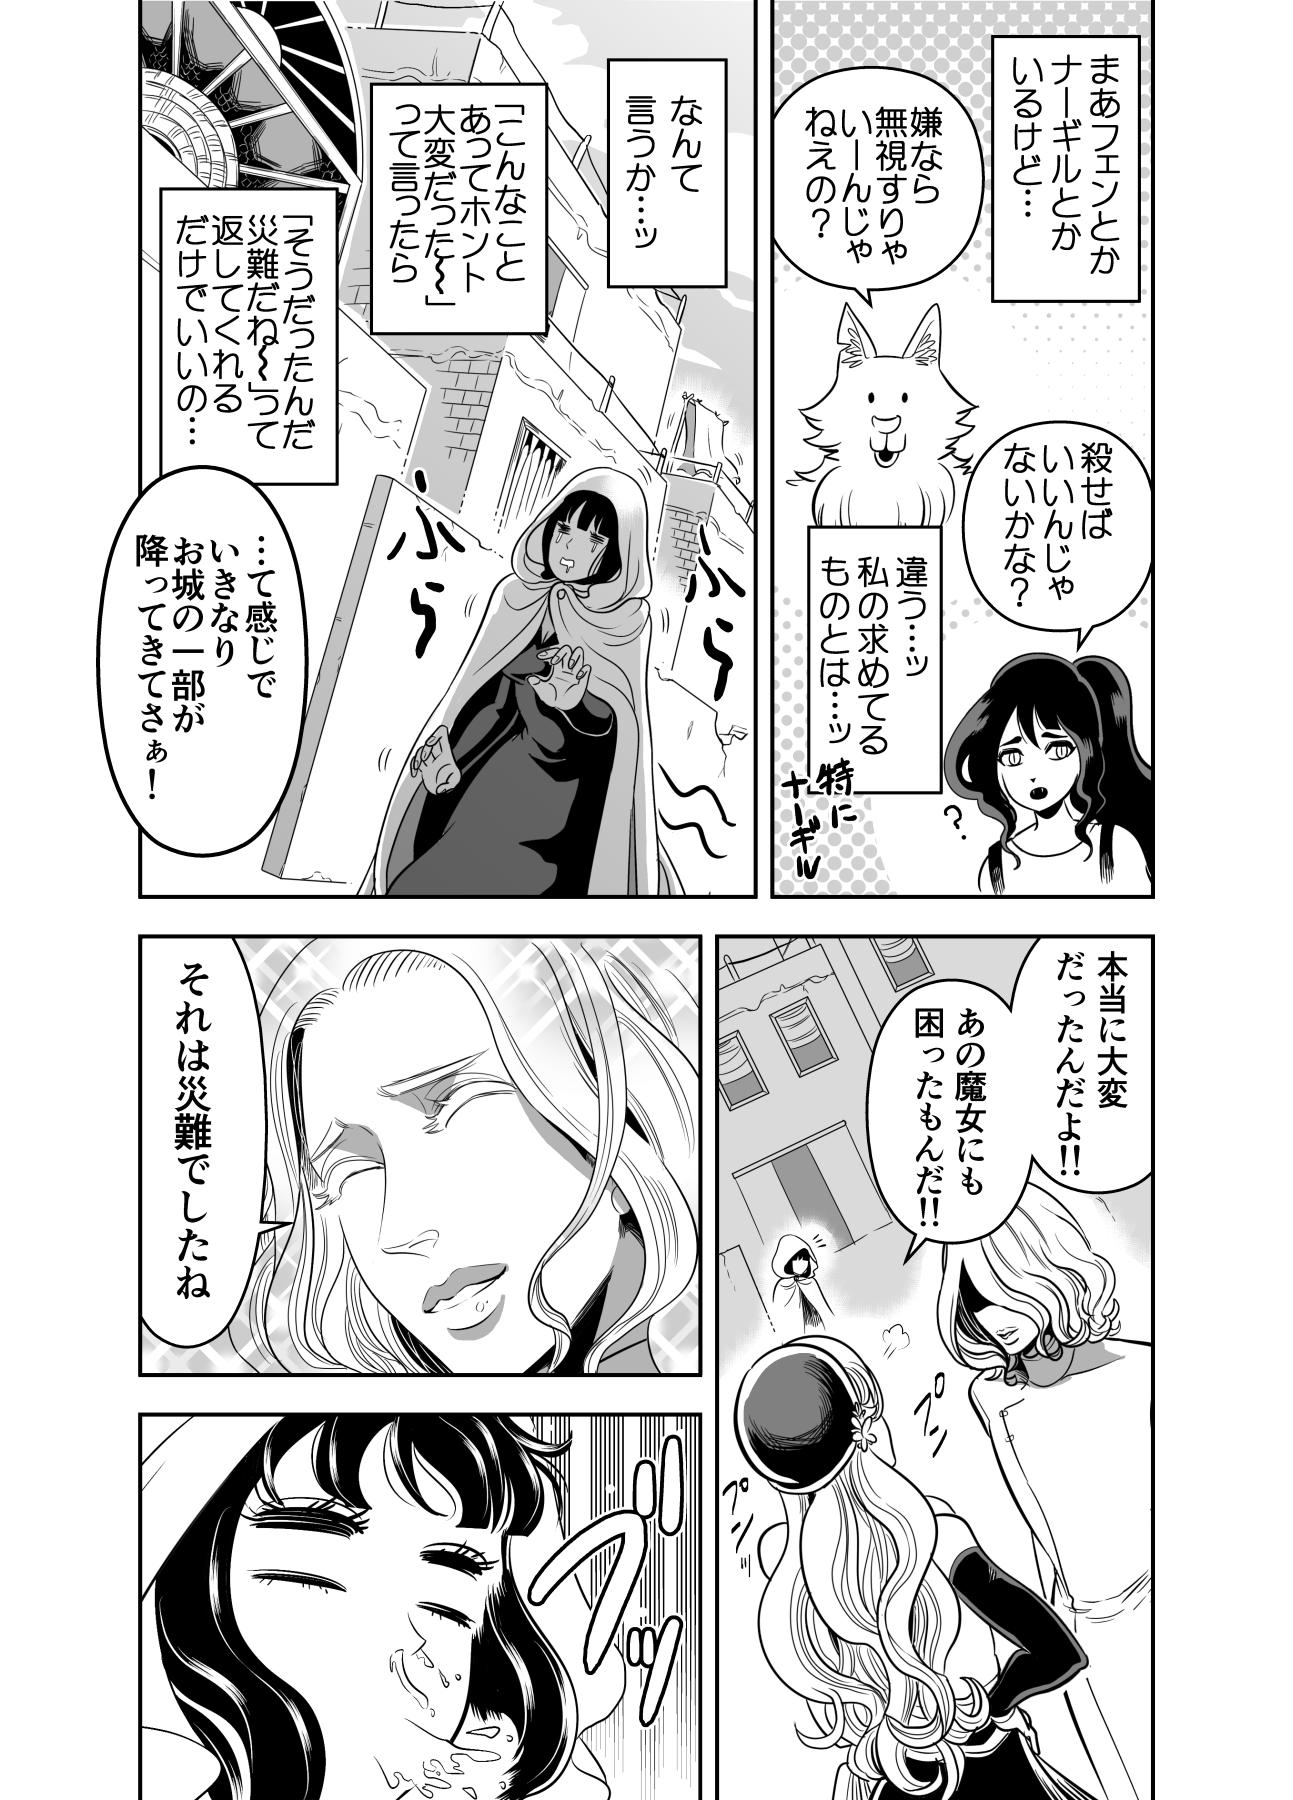 ヤサグレ魔女と第1王子と吸血鬼①0016